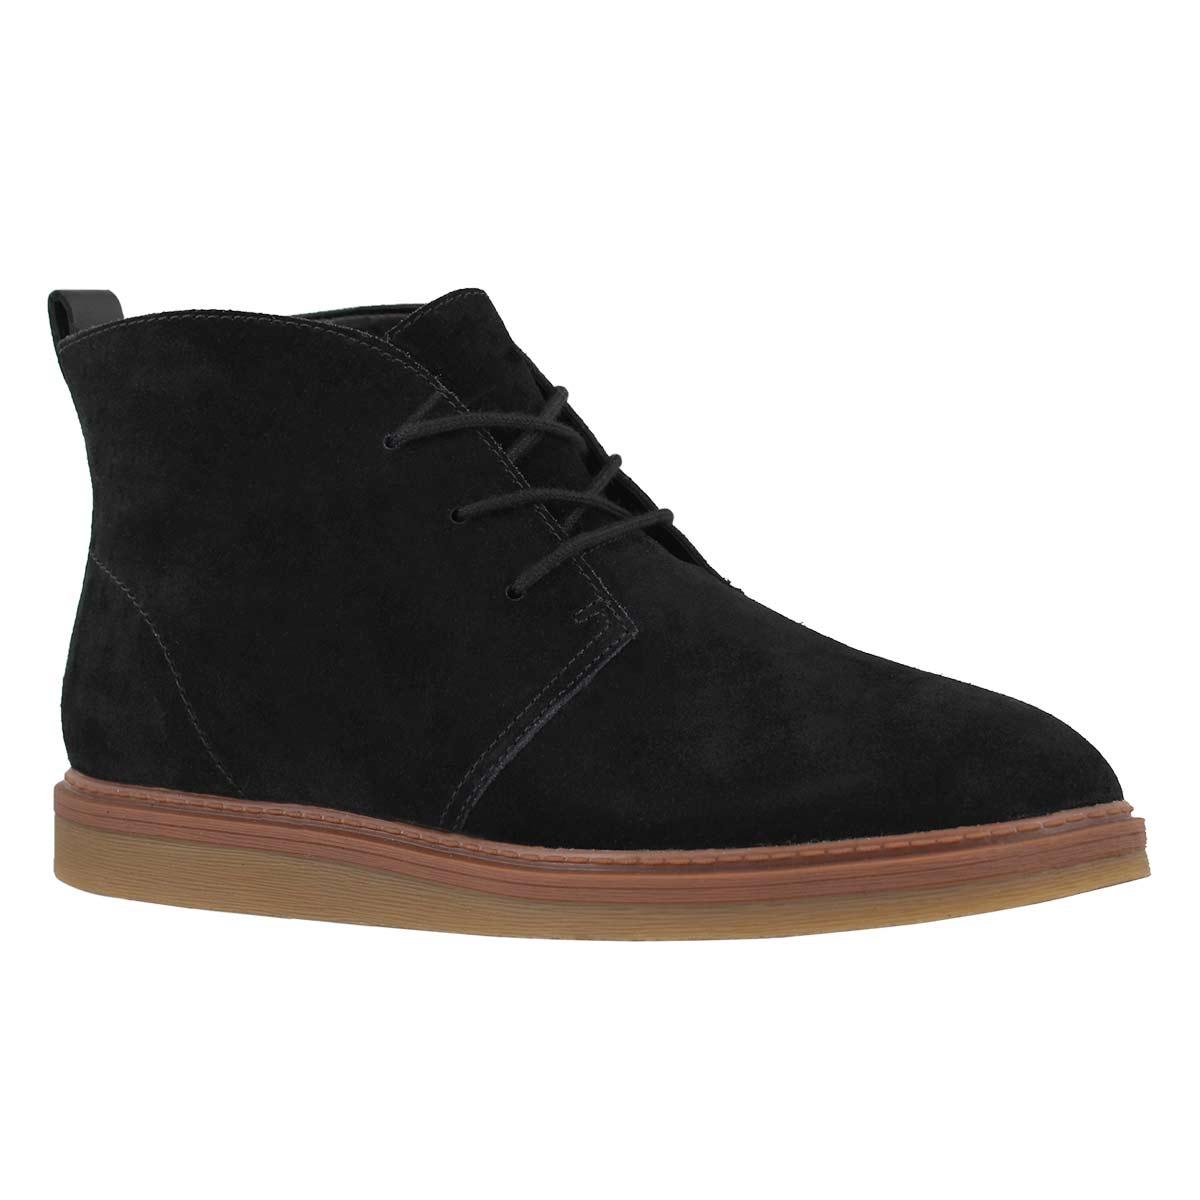 Lds Dove Roxana black casual chukka boot